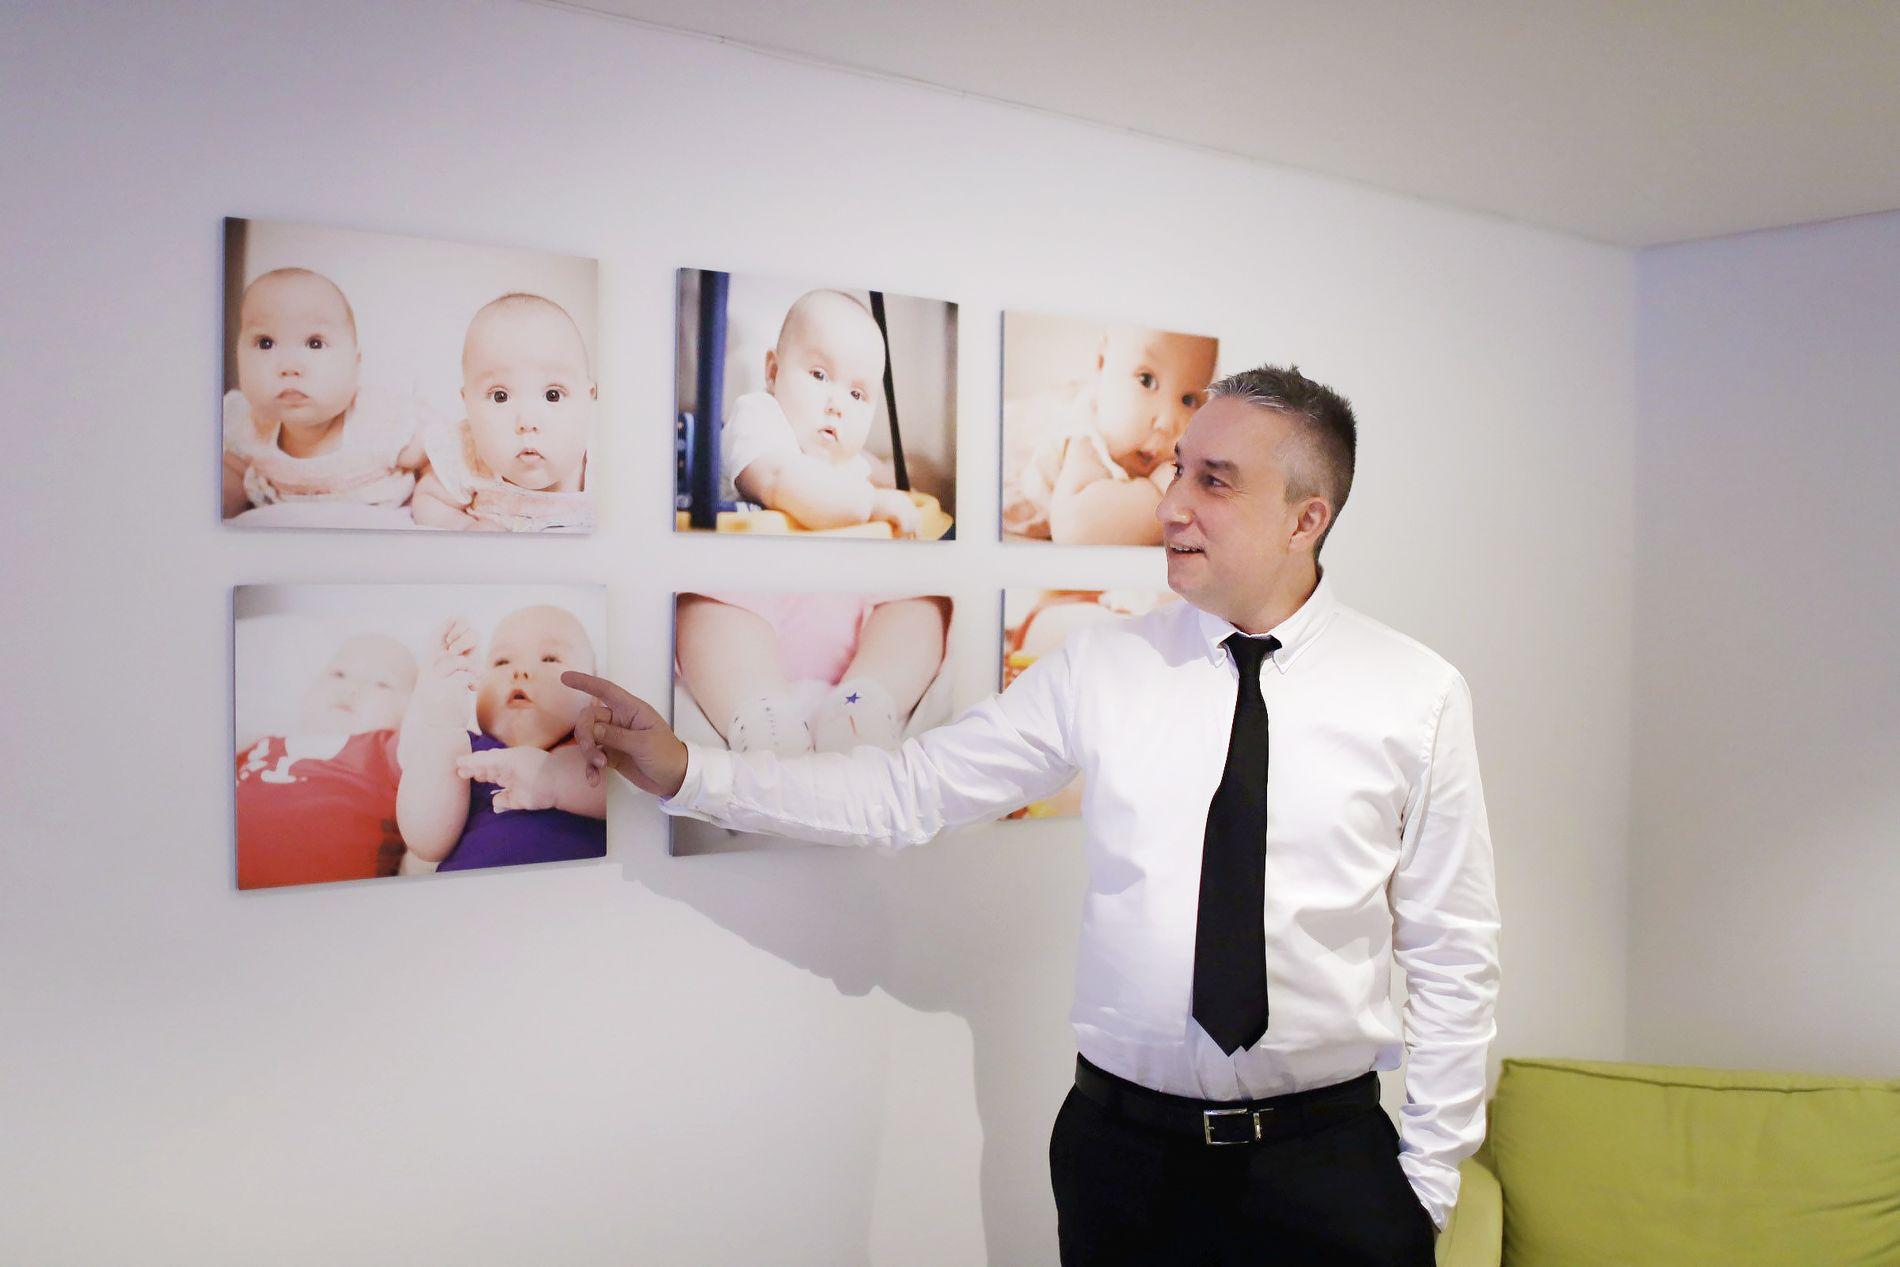 BYGGER PÅ EGNE OPPLEVELSER: Eduardo Afonso fikk barna Zelda og Esther med thailandsk surrogat i 2014. Nylig utvidet firmaet Tammuz Nordic til Norge. Her viser han frem bilder av barna på det lille kontoret på Södermalm i Stockholm.